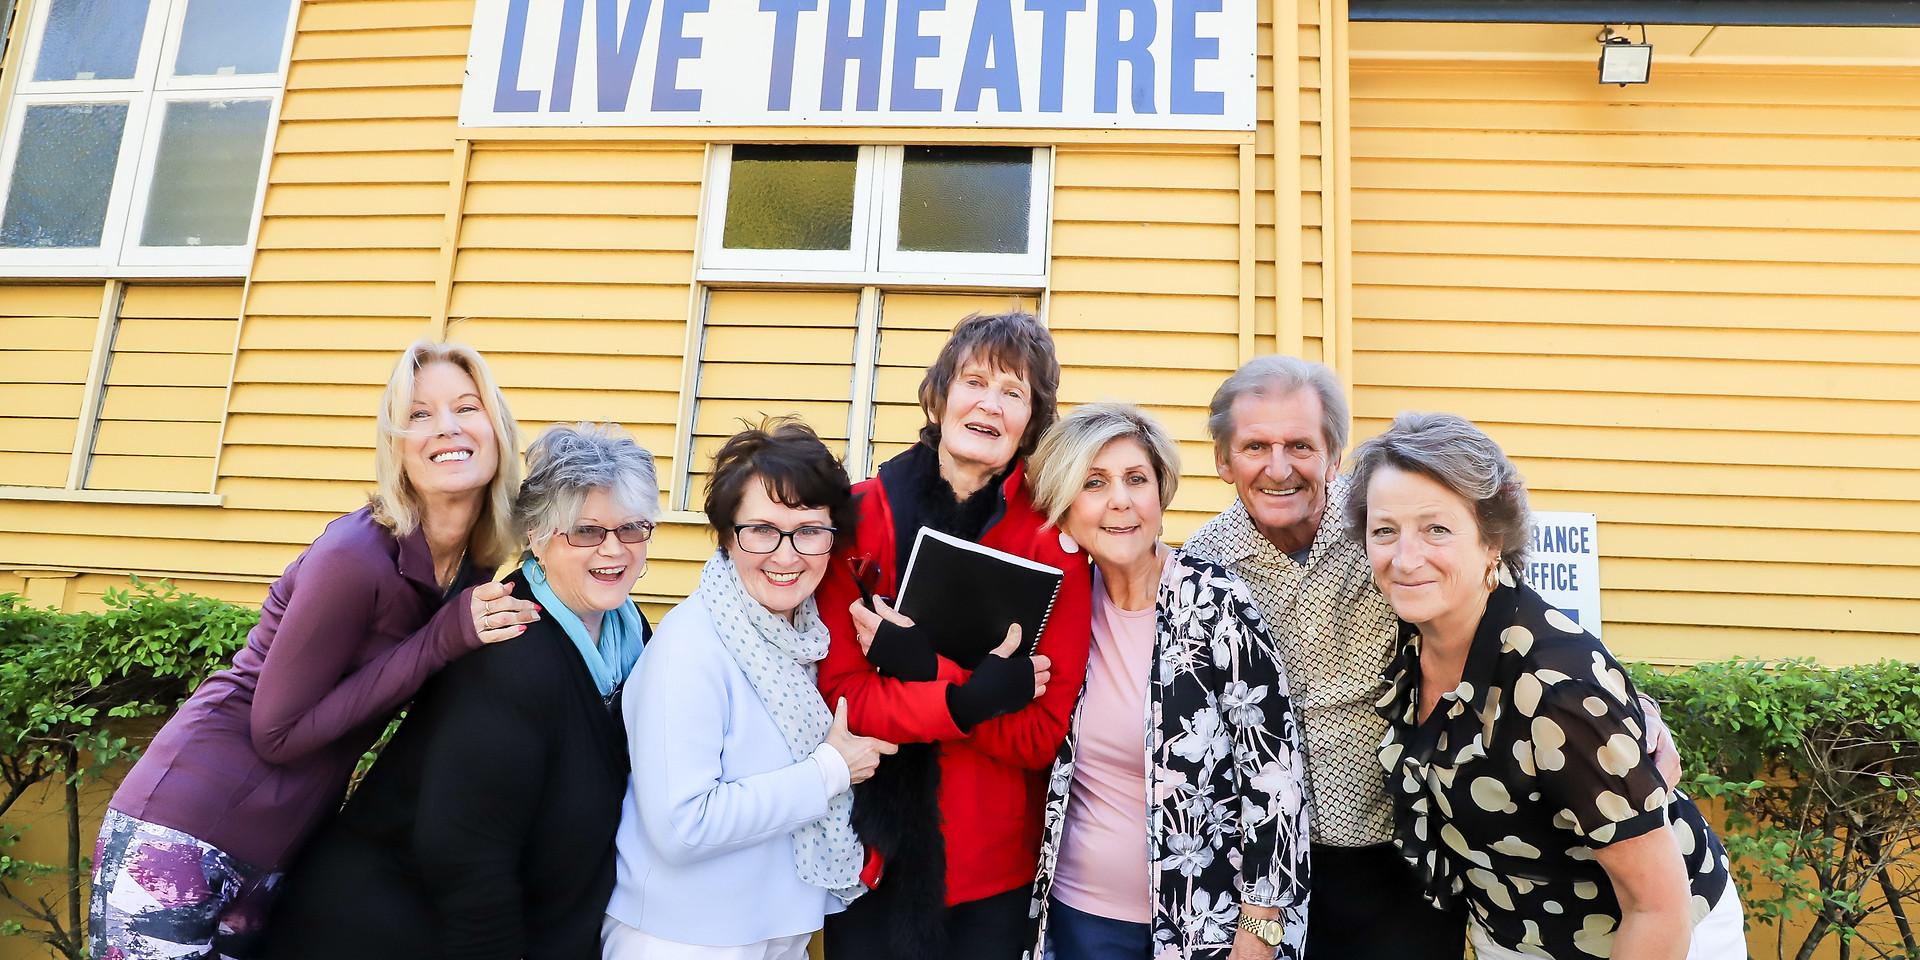 2019_Seniors_Theatre-35.jpg